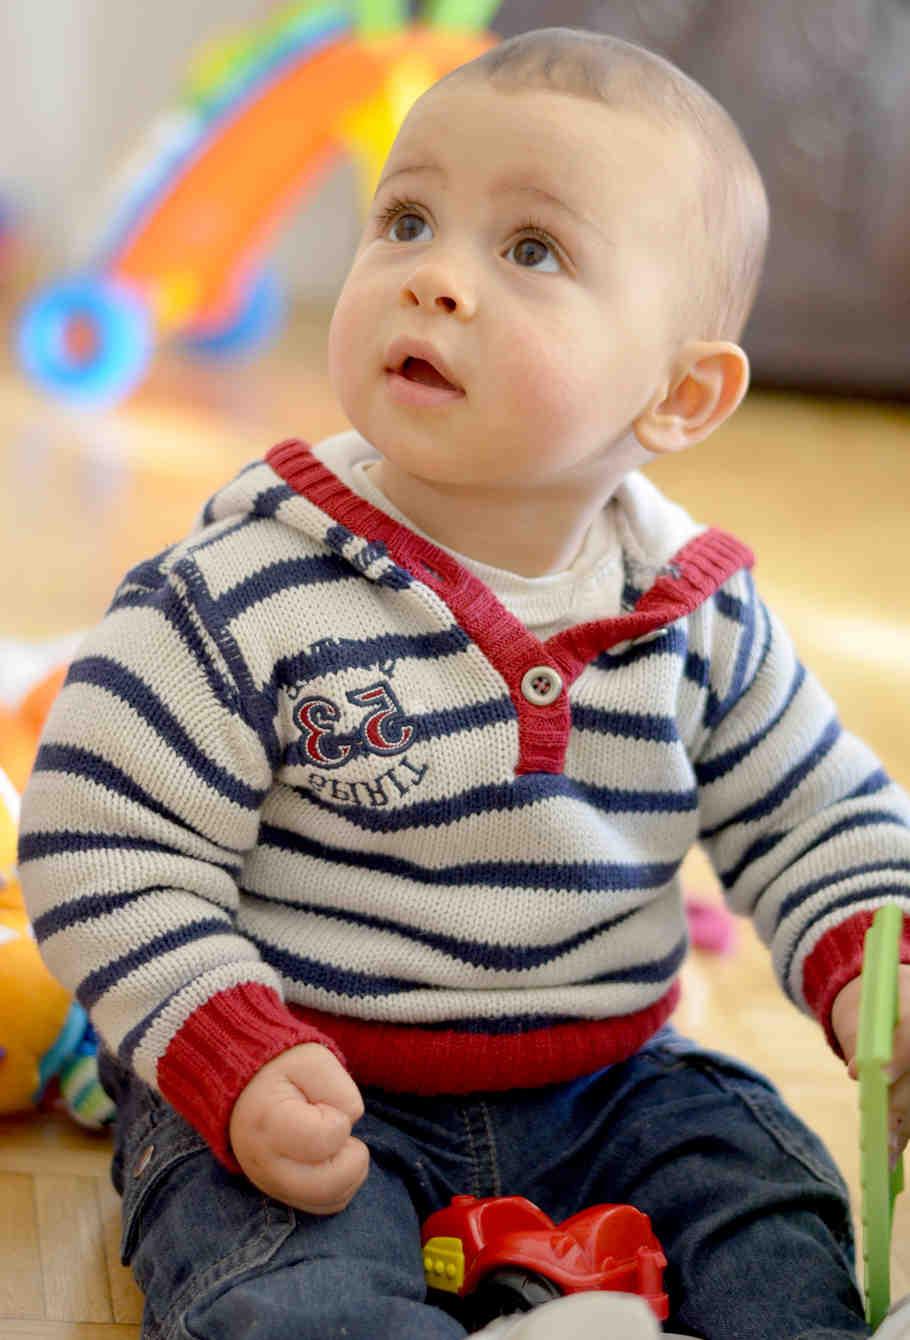 Comment occuper un enfant de 2 ans?